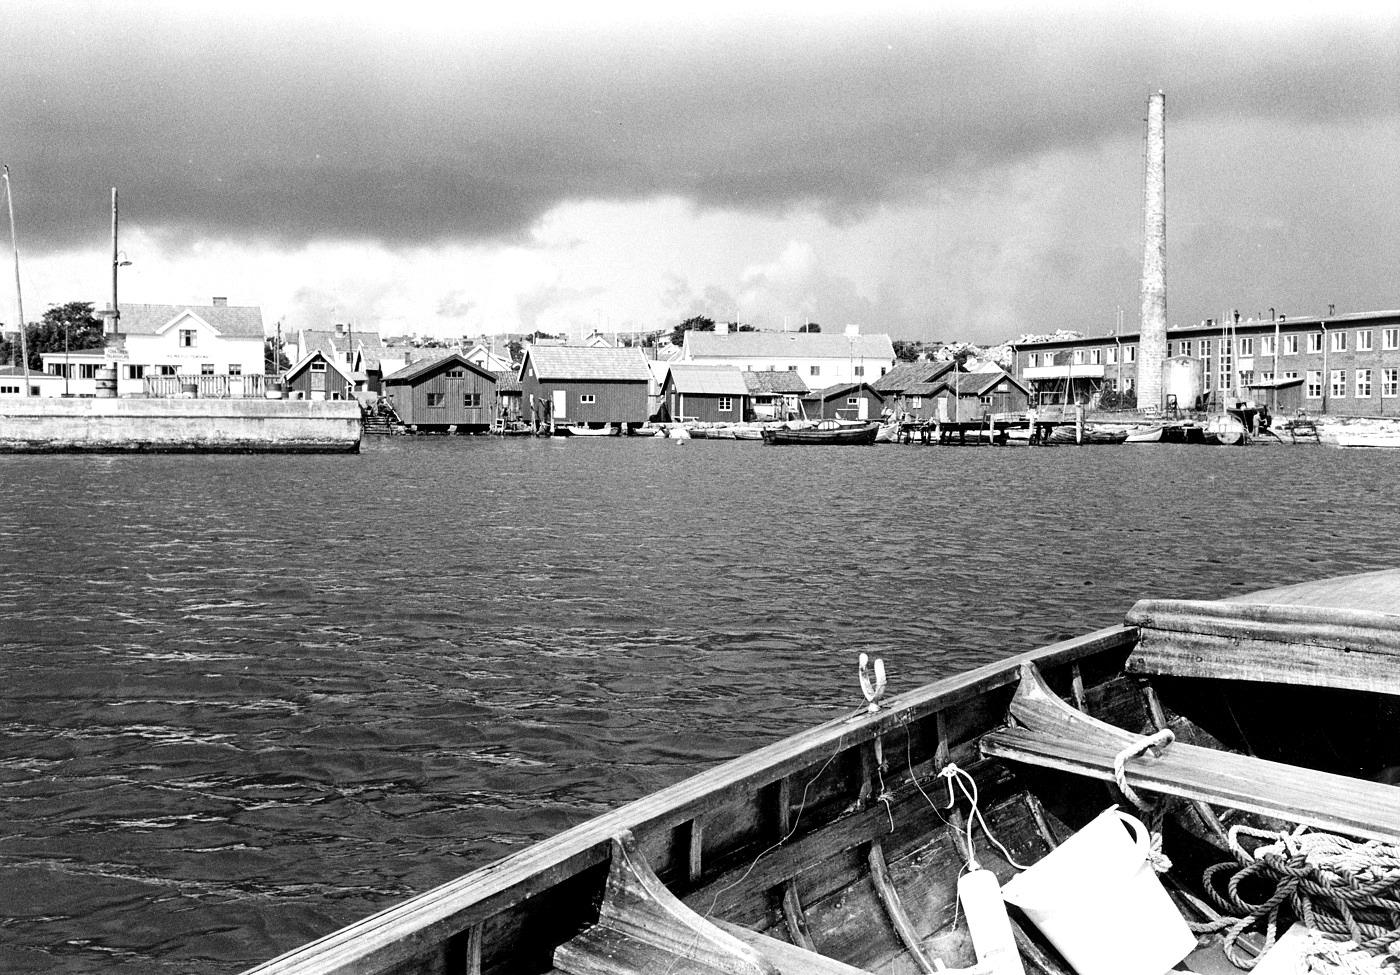 """Foto Claes Funck 1965. Fr vänster ångbåtsbrygga med Holmbergs Pensionat, sjöbodar och Konsum, till höger konservfabriken """"Sjömärket""""."""